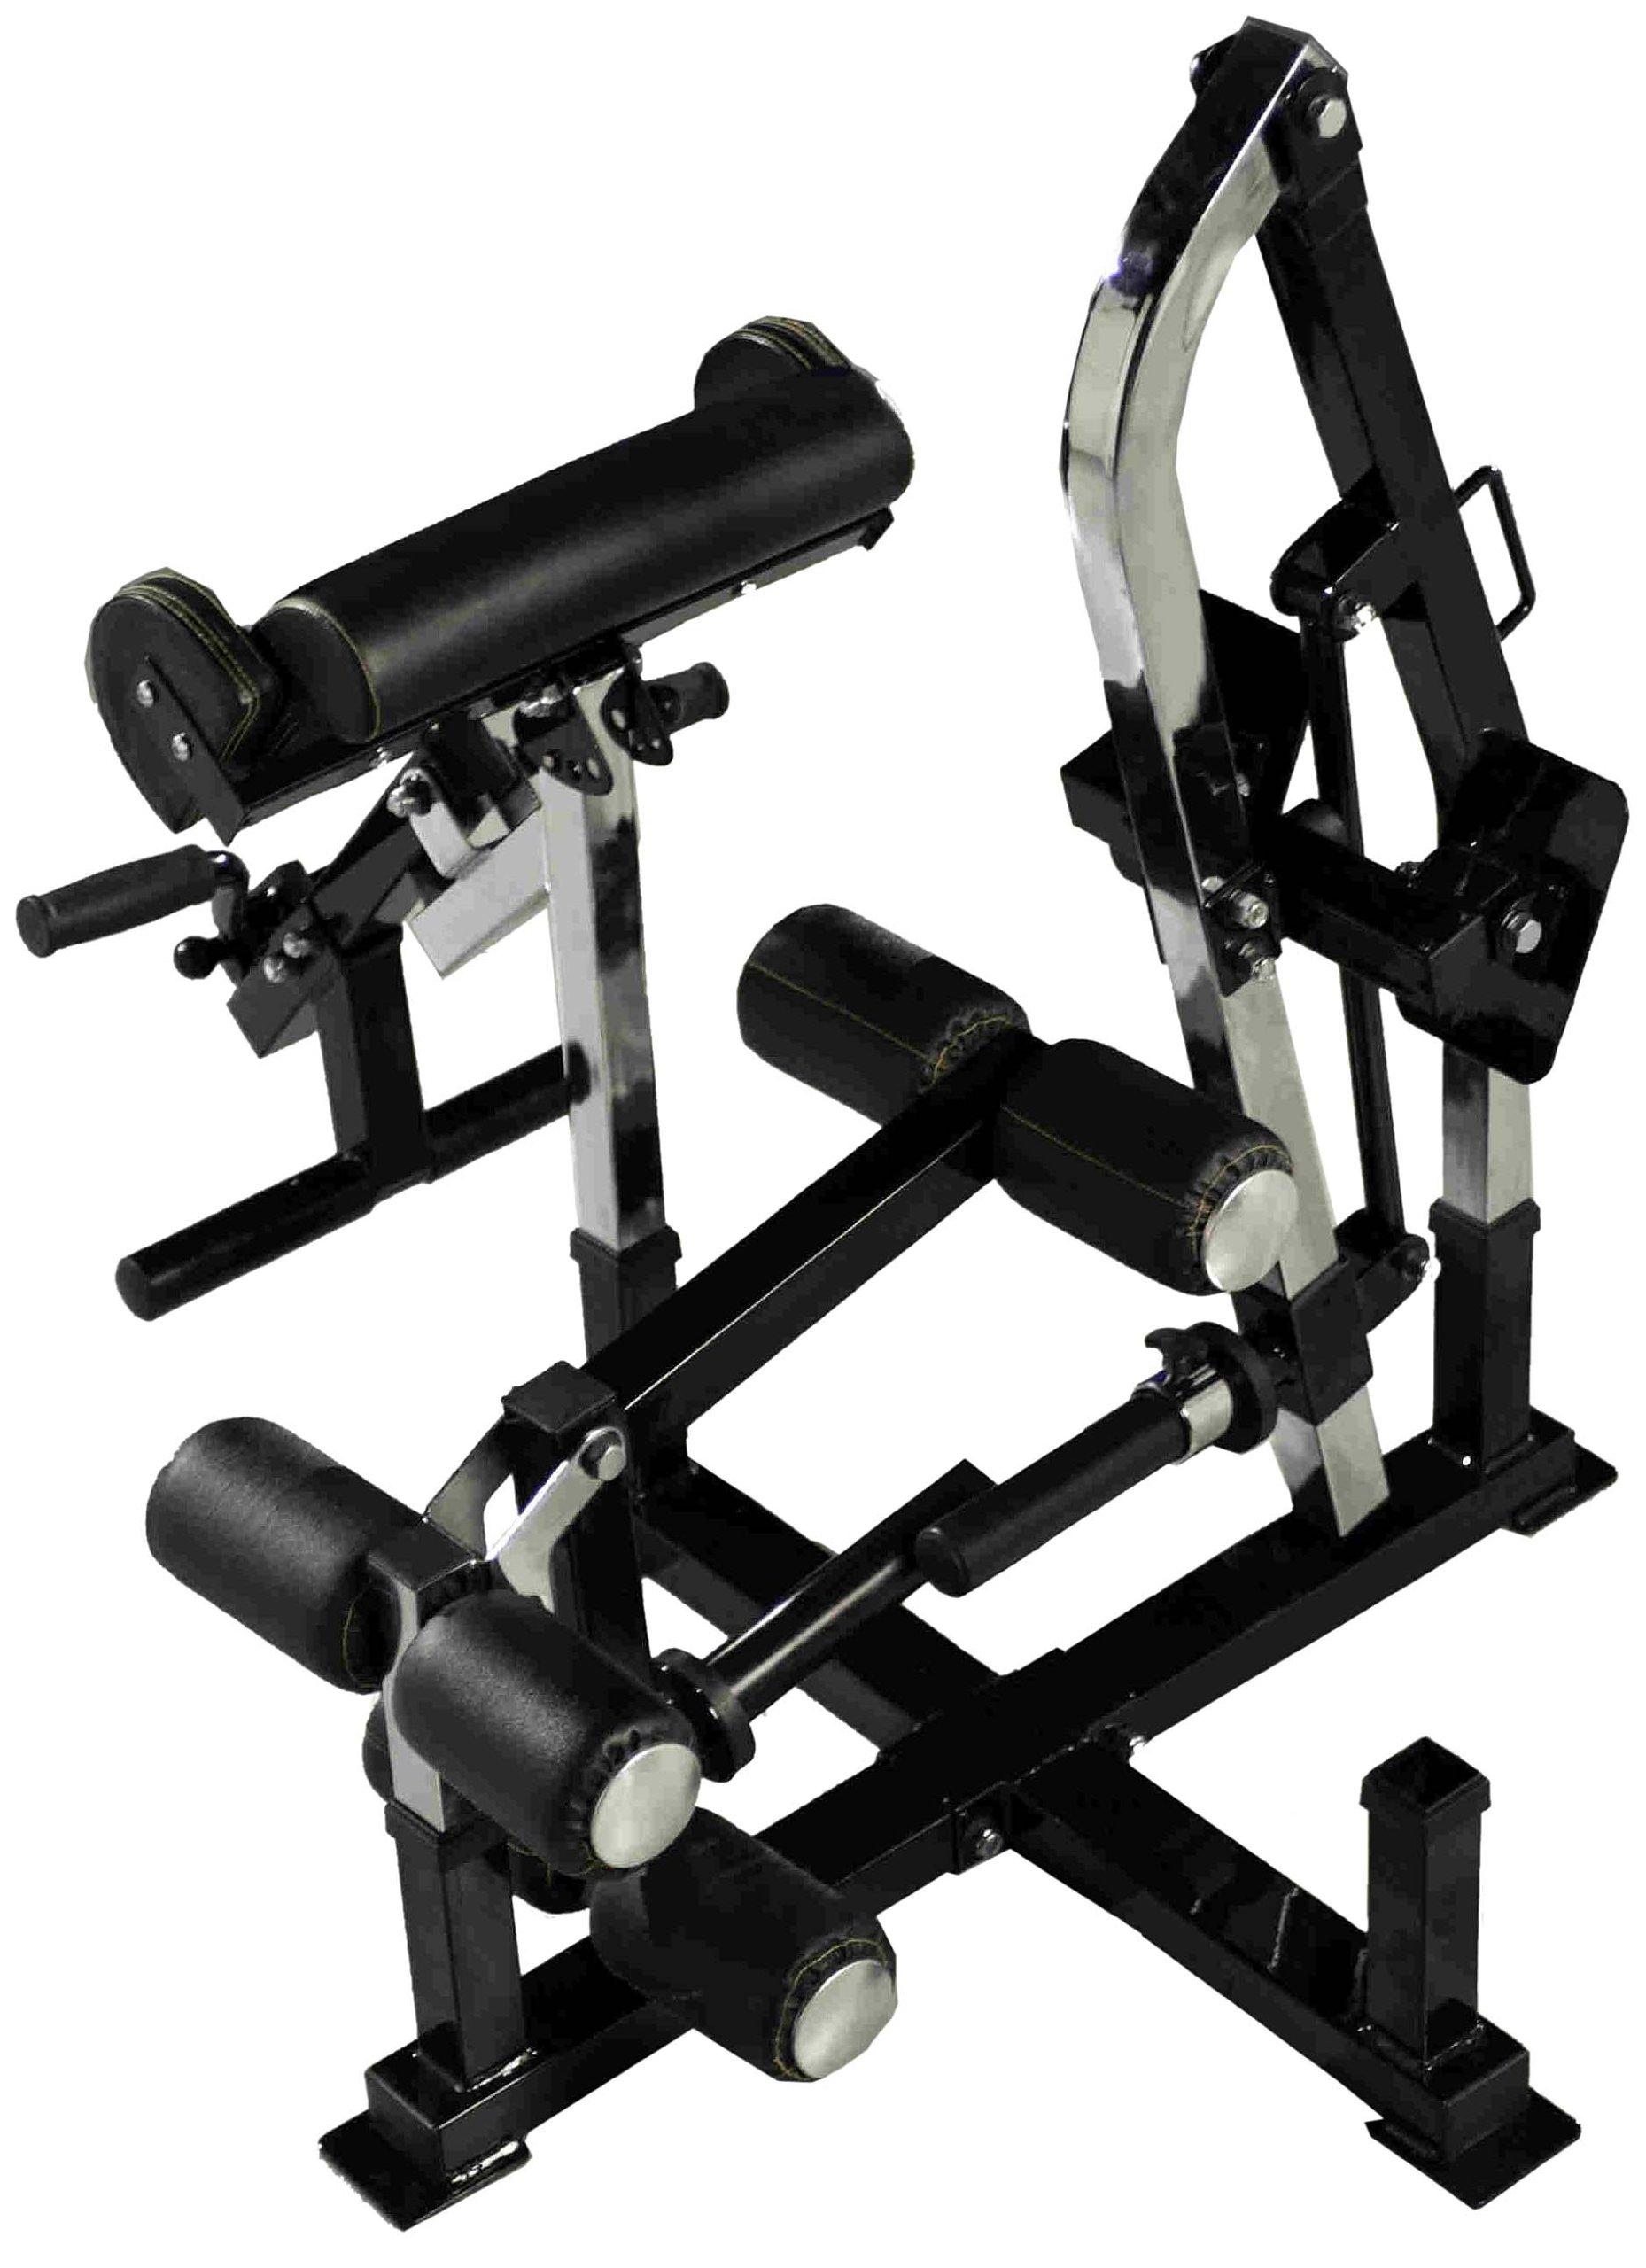 Powertec WB-ASR10 Workbench Accessory Rack by Powertec Fitness